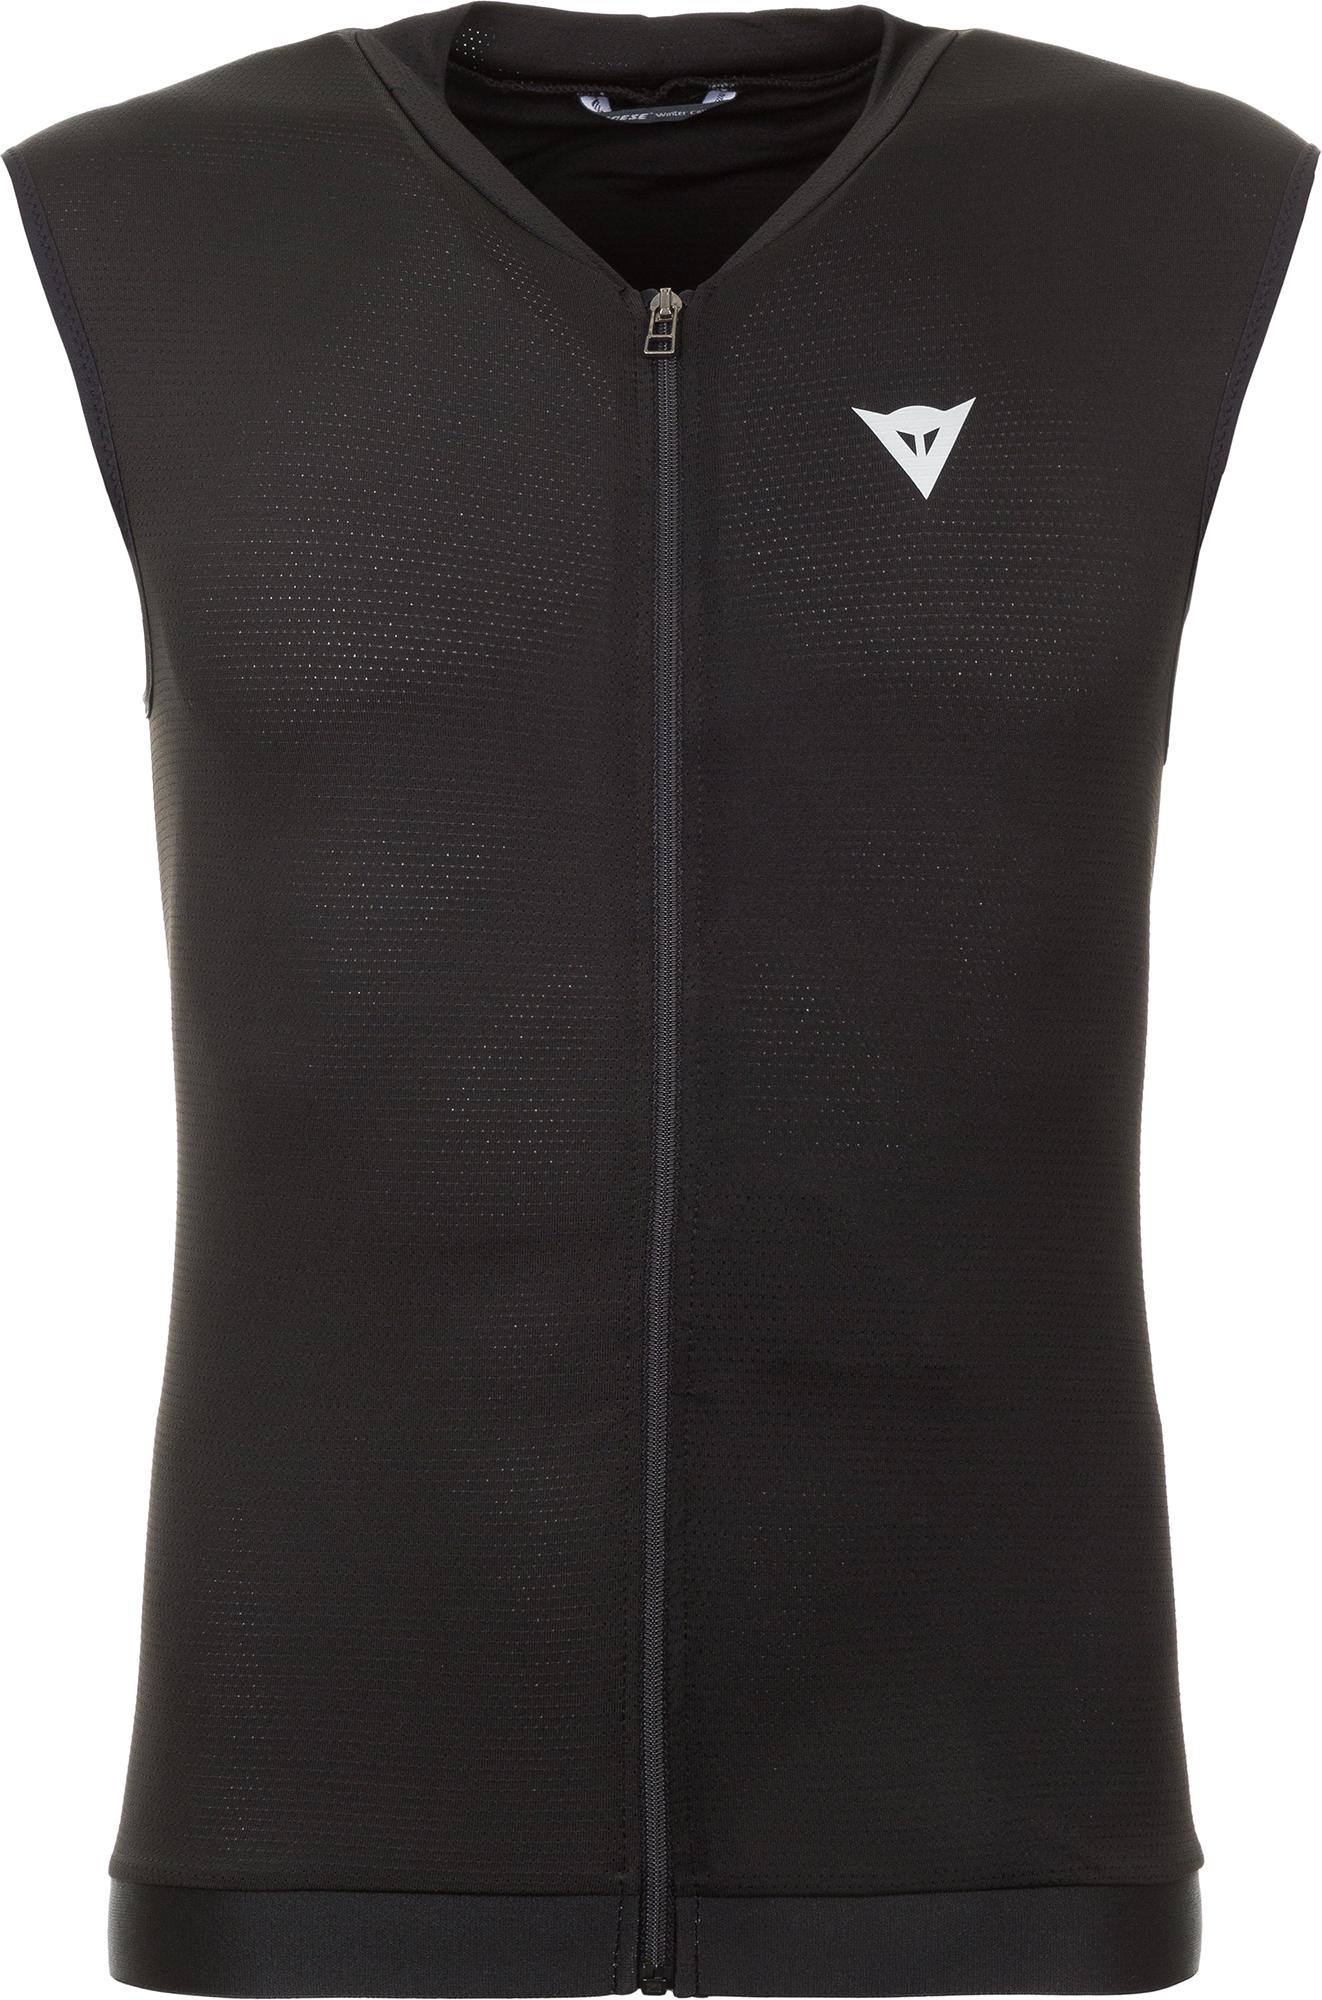 Dainese Жилет защитный Waistcoat Flex Lite